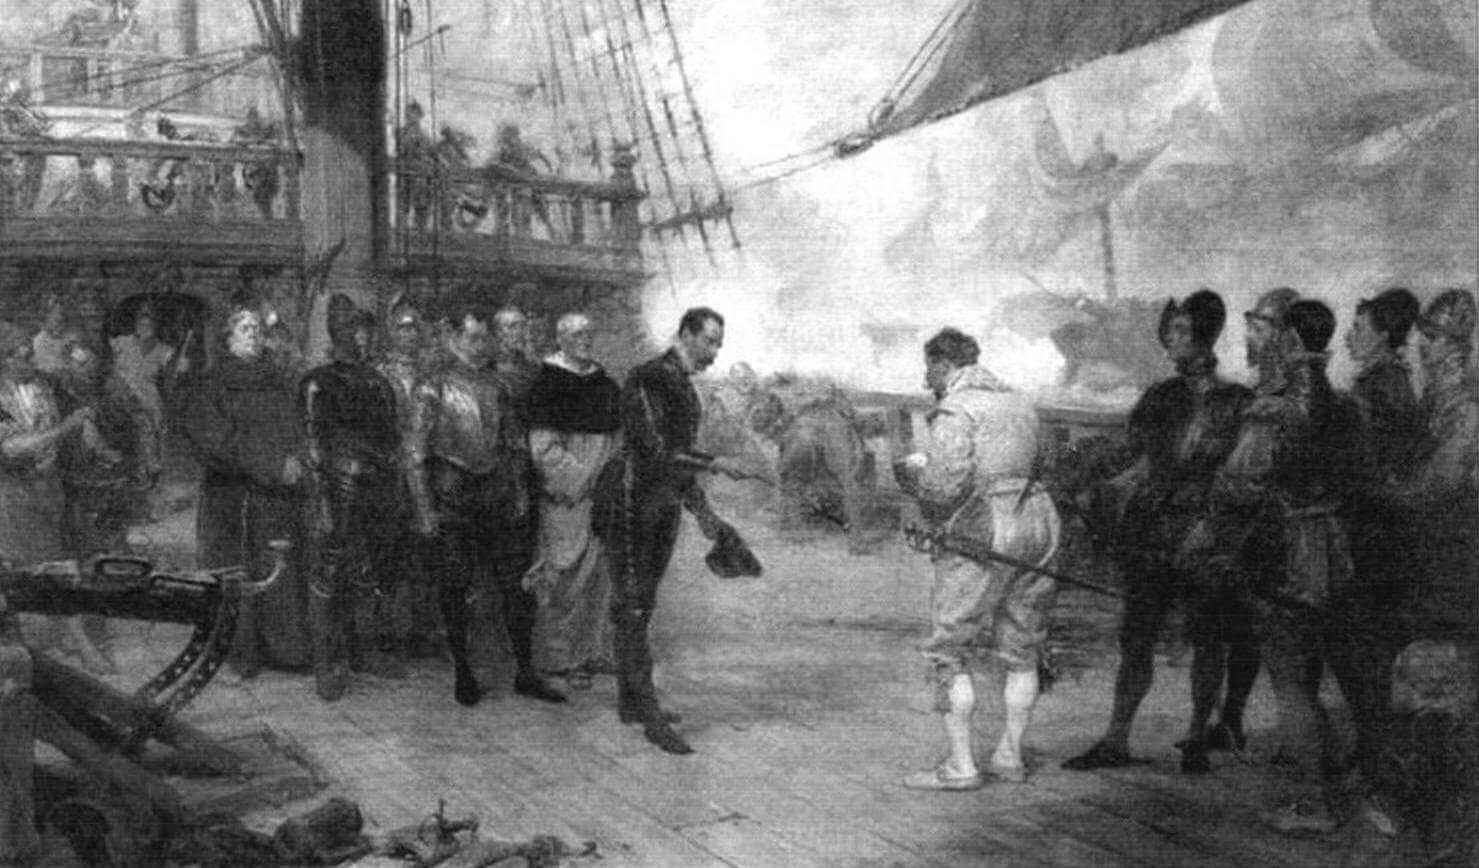 Сэр Френсис Дрейк принимает оружие у командующего Андалузской эскадрой дона Педро де Вальдеса после захвата «Ривенджем» испанского галеона «Нуестра Сеньора дель Росарио» (с картины Джона Сеймура Лукаса)